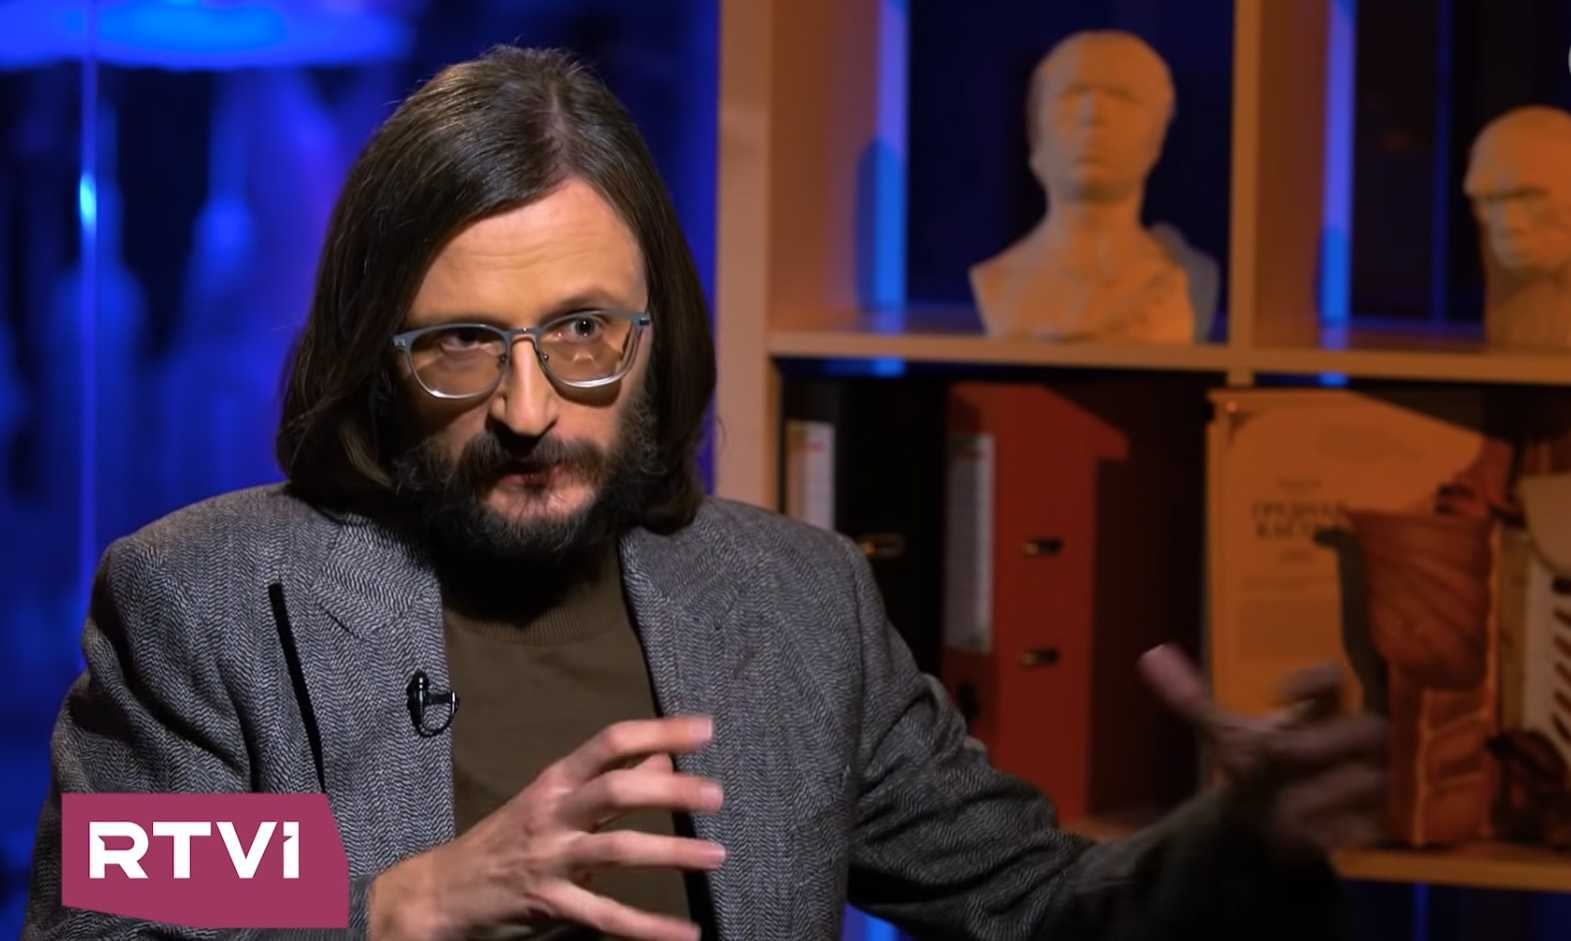 Станислав Дробышевский: книги